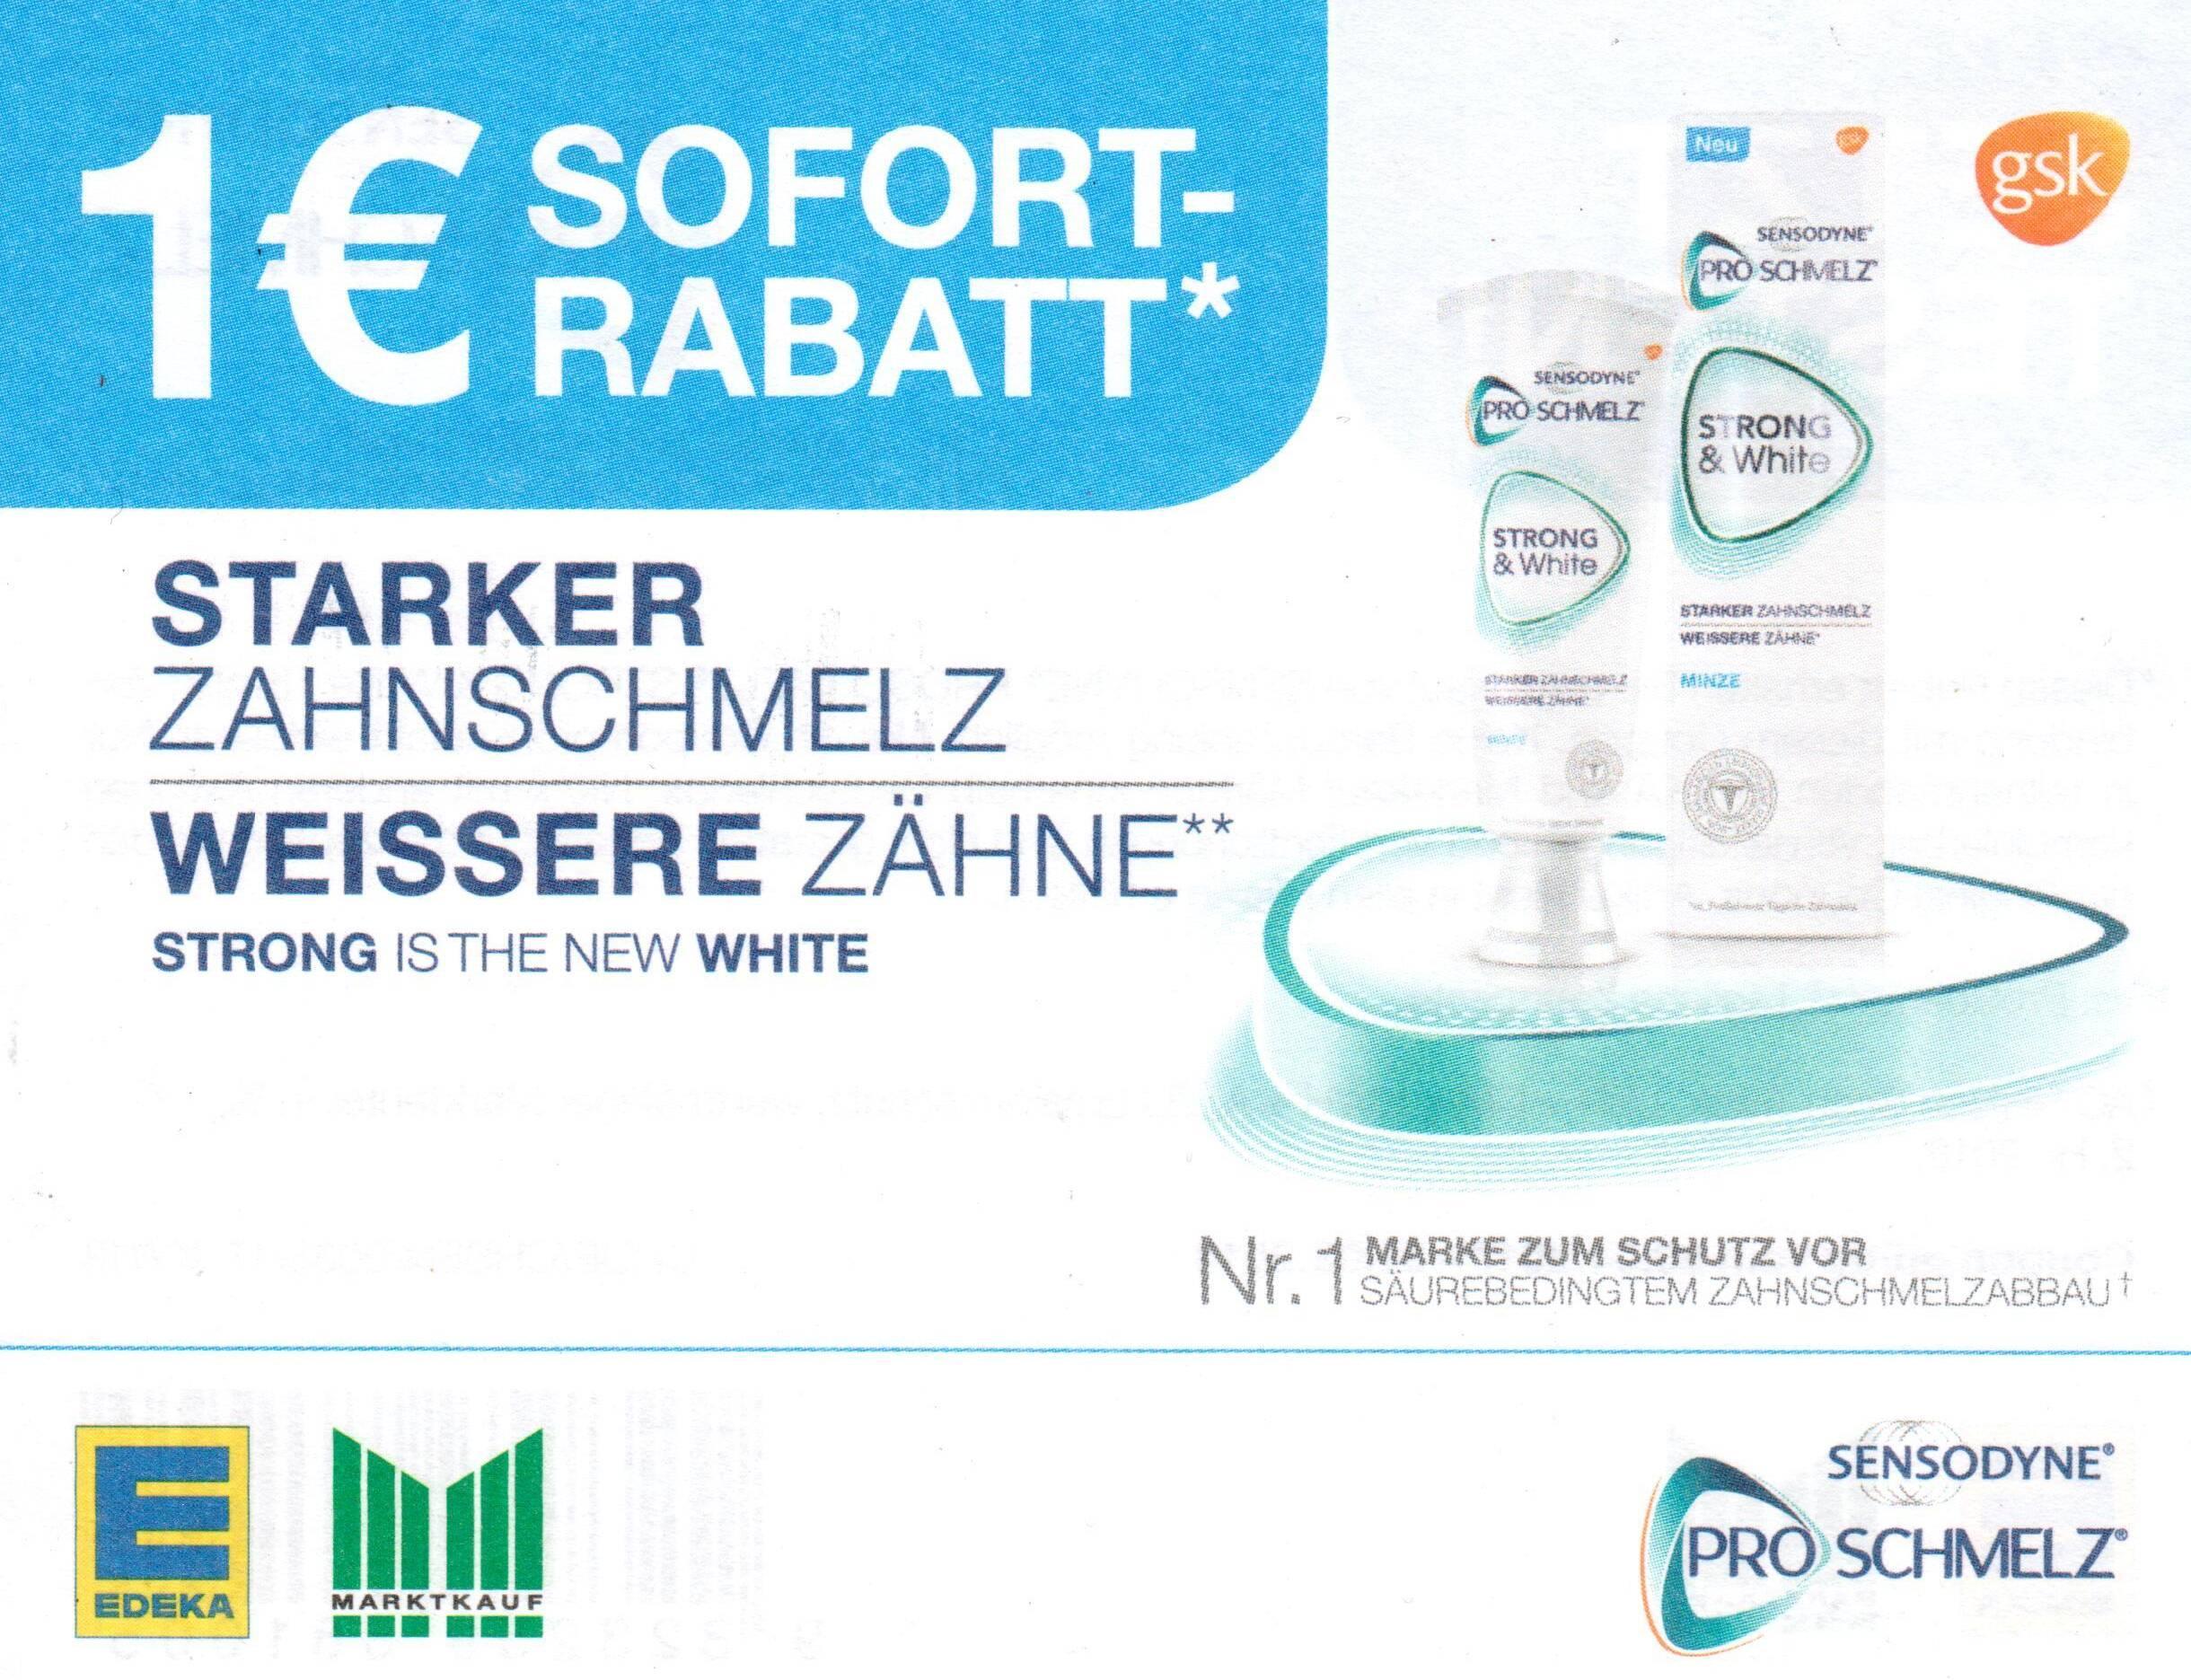 1€ Sofort-Rabatt-Coupon auf Sensodyne ProSchmelz Strong & White bis 31.03.2018 [Edeka & Marktkauf]